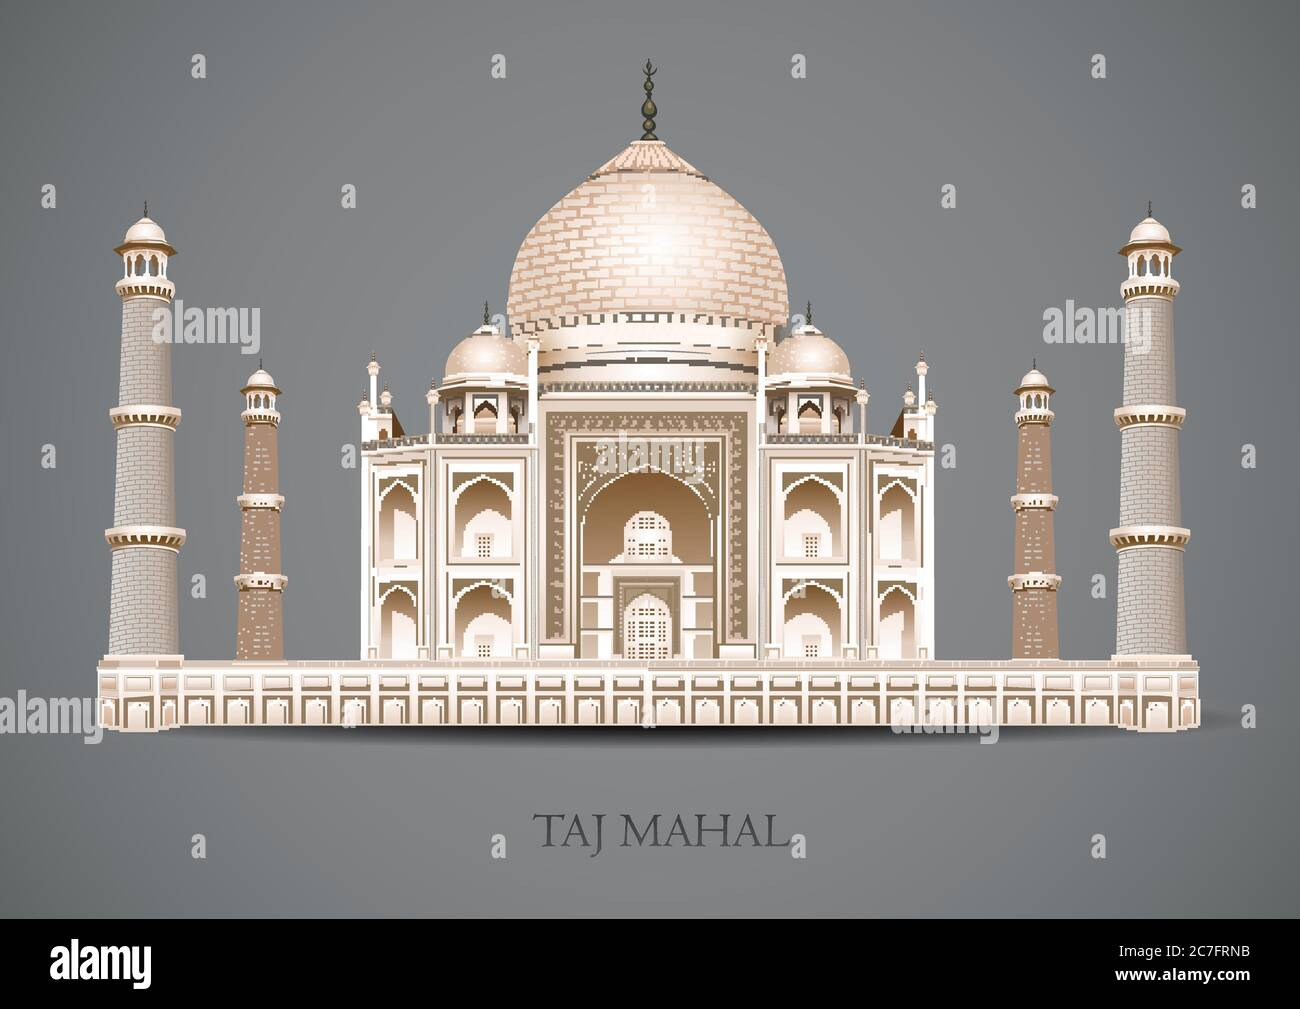 Taj Mahal Sobre Fondo Gris Arquitectura De La Cultura India Plano Nuevo Estilo Histórico Vista Lugar De Exhibición Atracción Web Sitio Web Vector Ilustración Mausoleu Imagen Vector De Stock Alamy